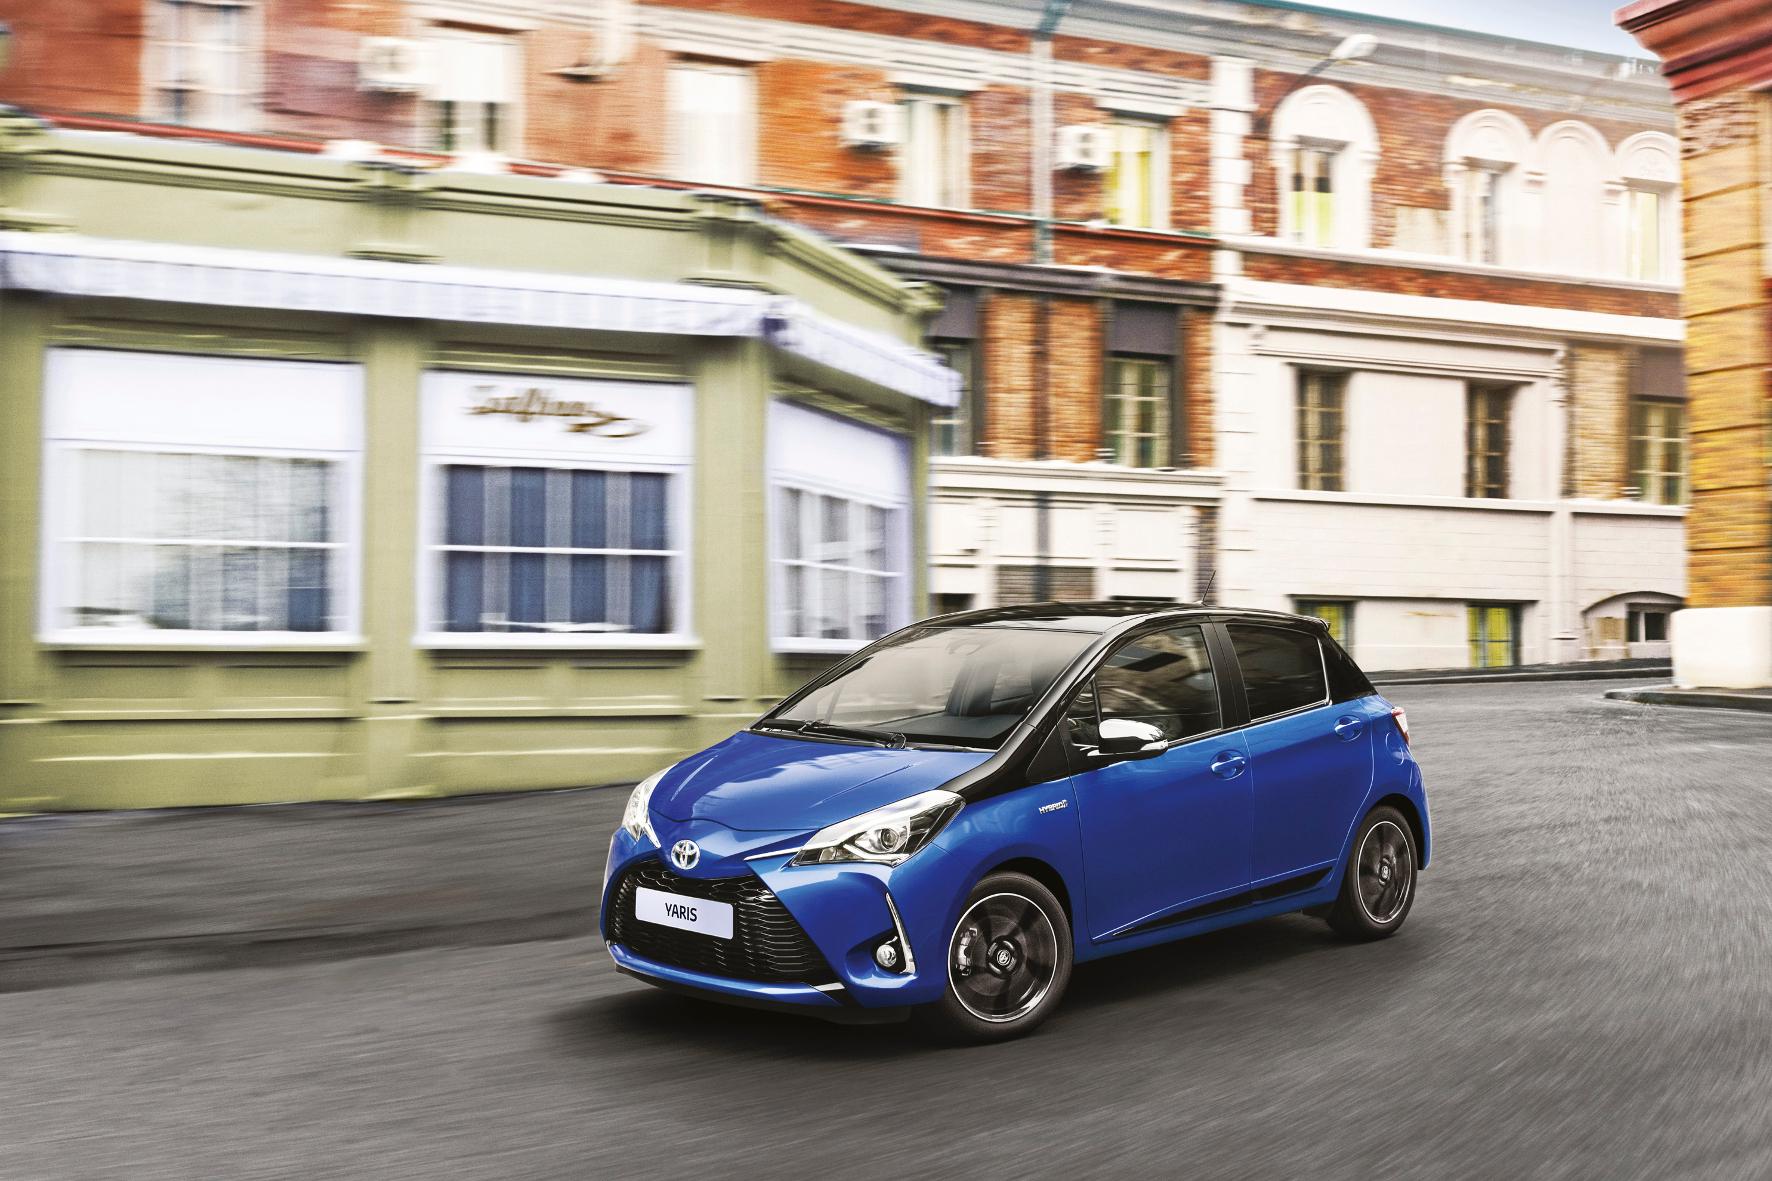 Toyota Yaris Überarbeitung geht über ein übliches Facelift hinaus